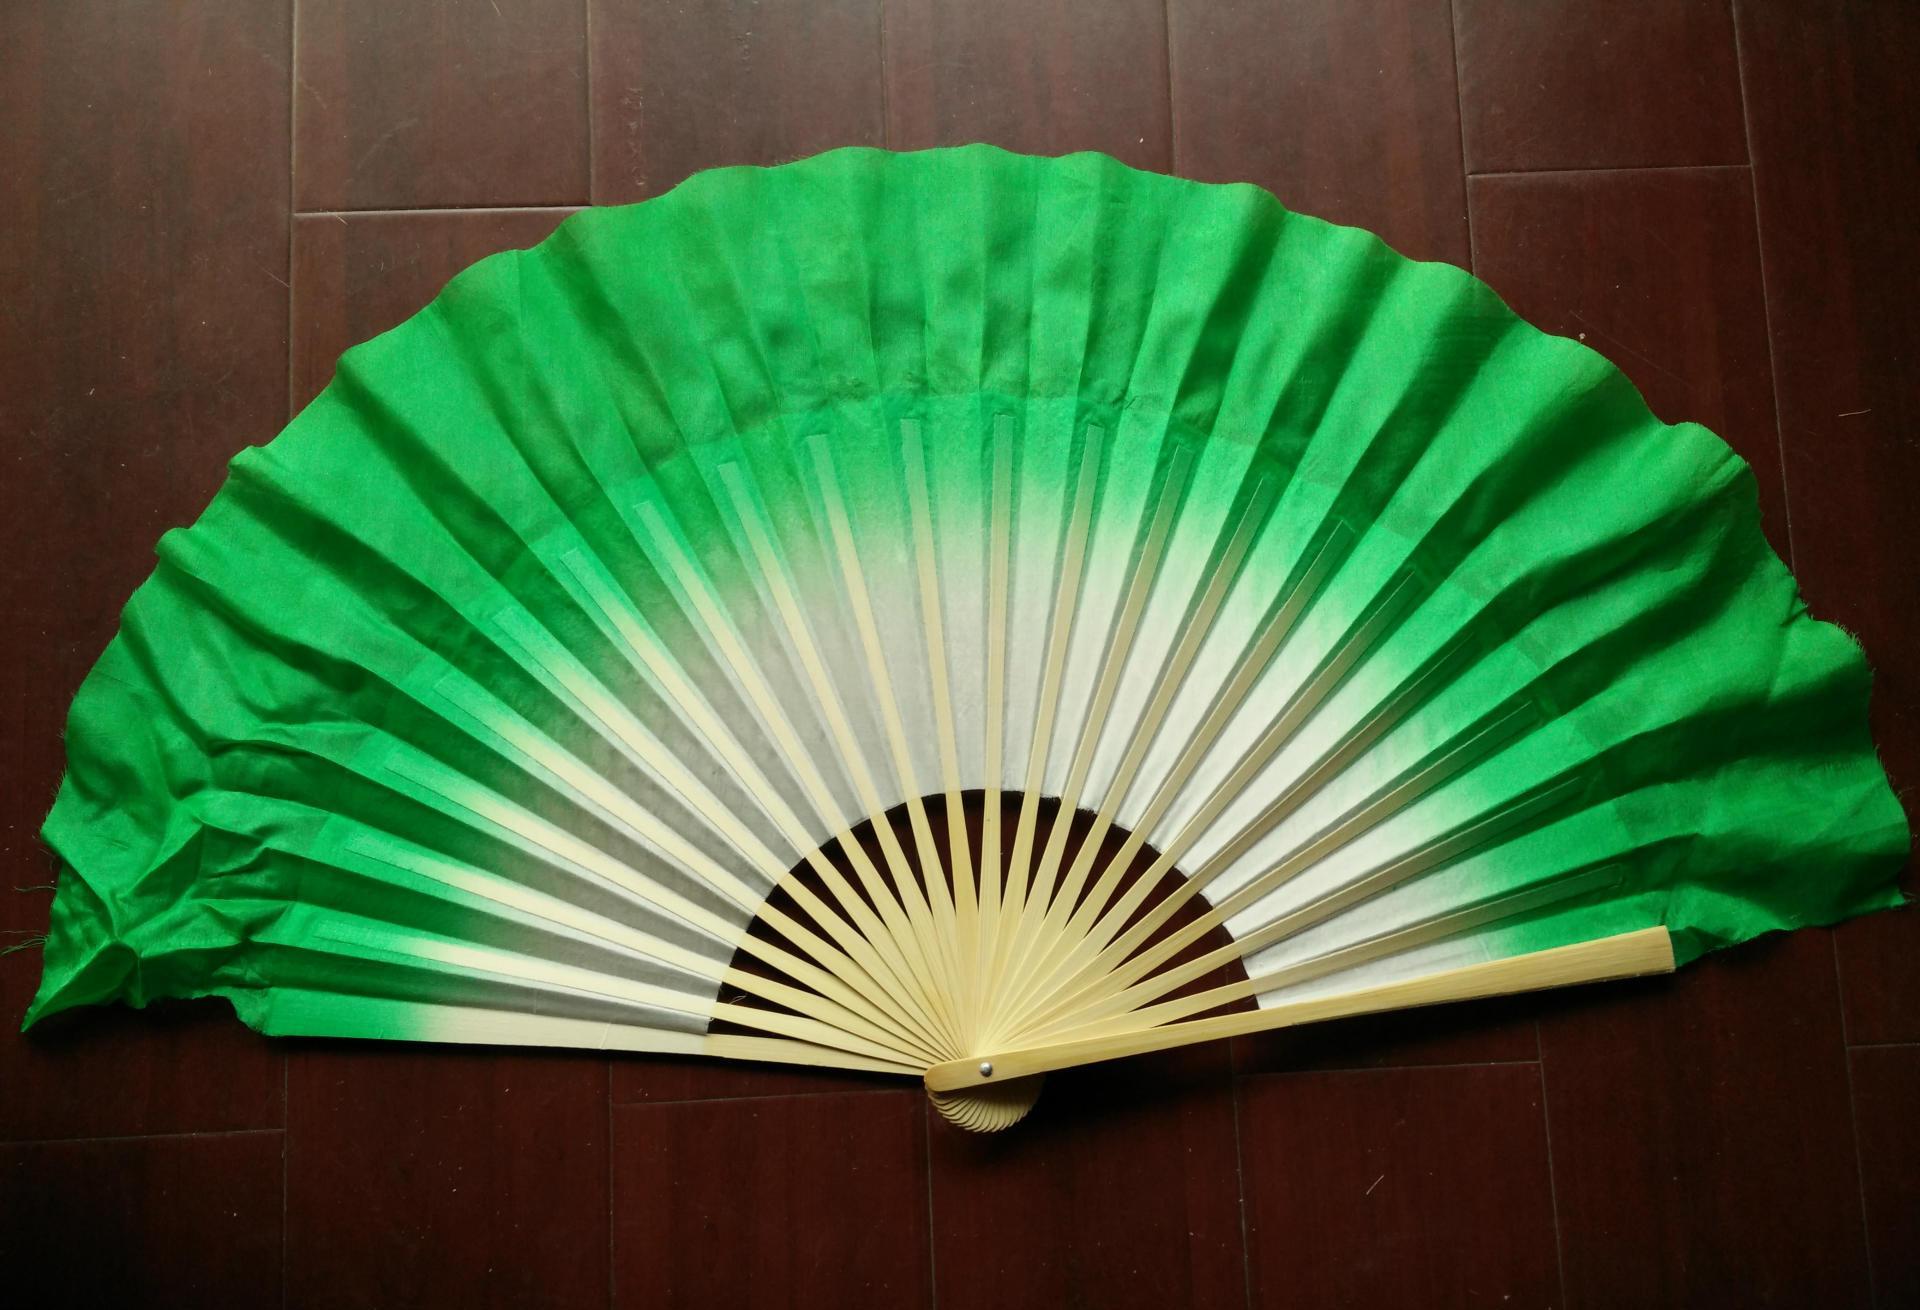 厂家直销荣昌折扇真丝扇秧歌扇舞扇10寸渐变舞蹈扇真丝绸闪光批发